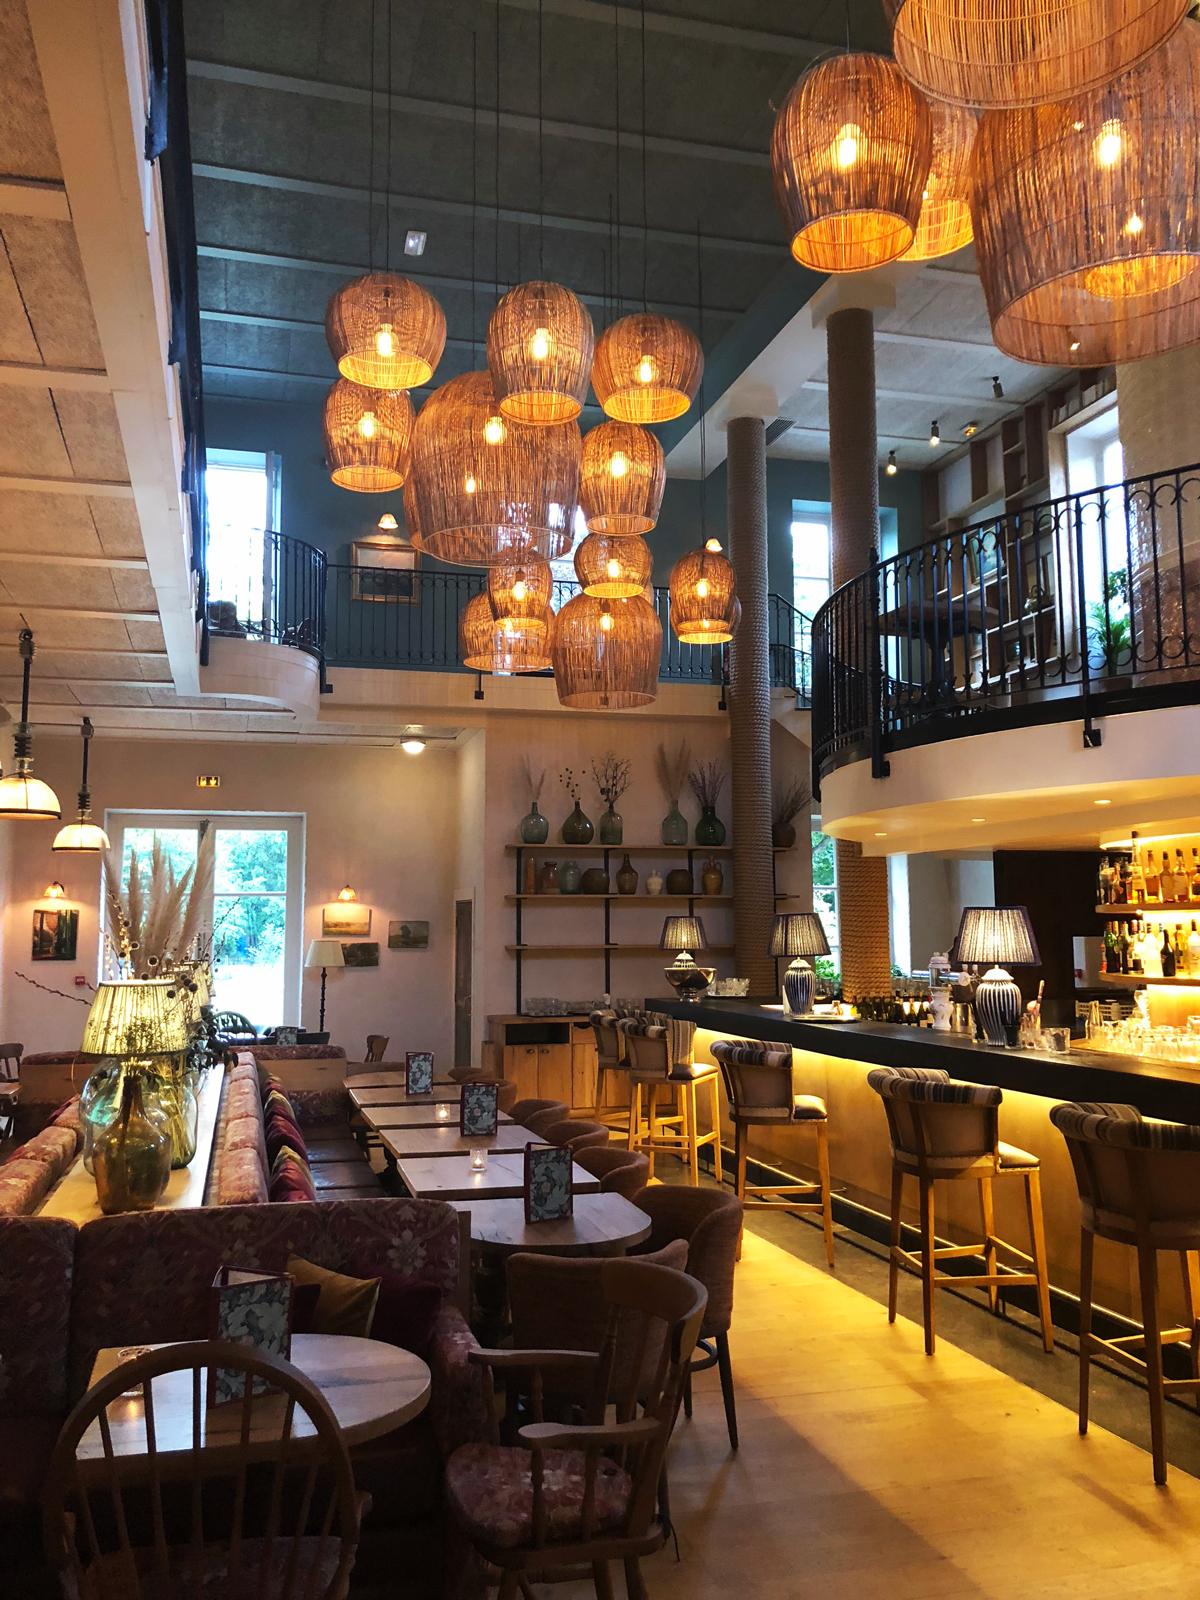 Das Restaurant L'Ile an der quai de Stalingrad Issy Les Moulineaux in Paris